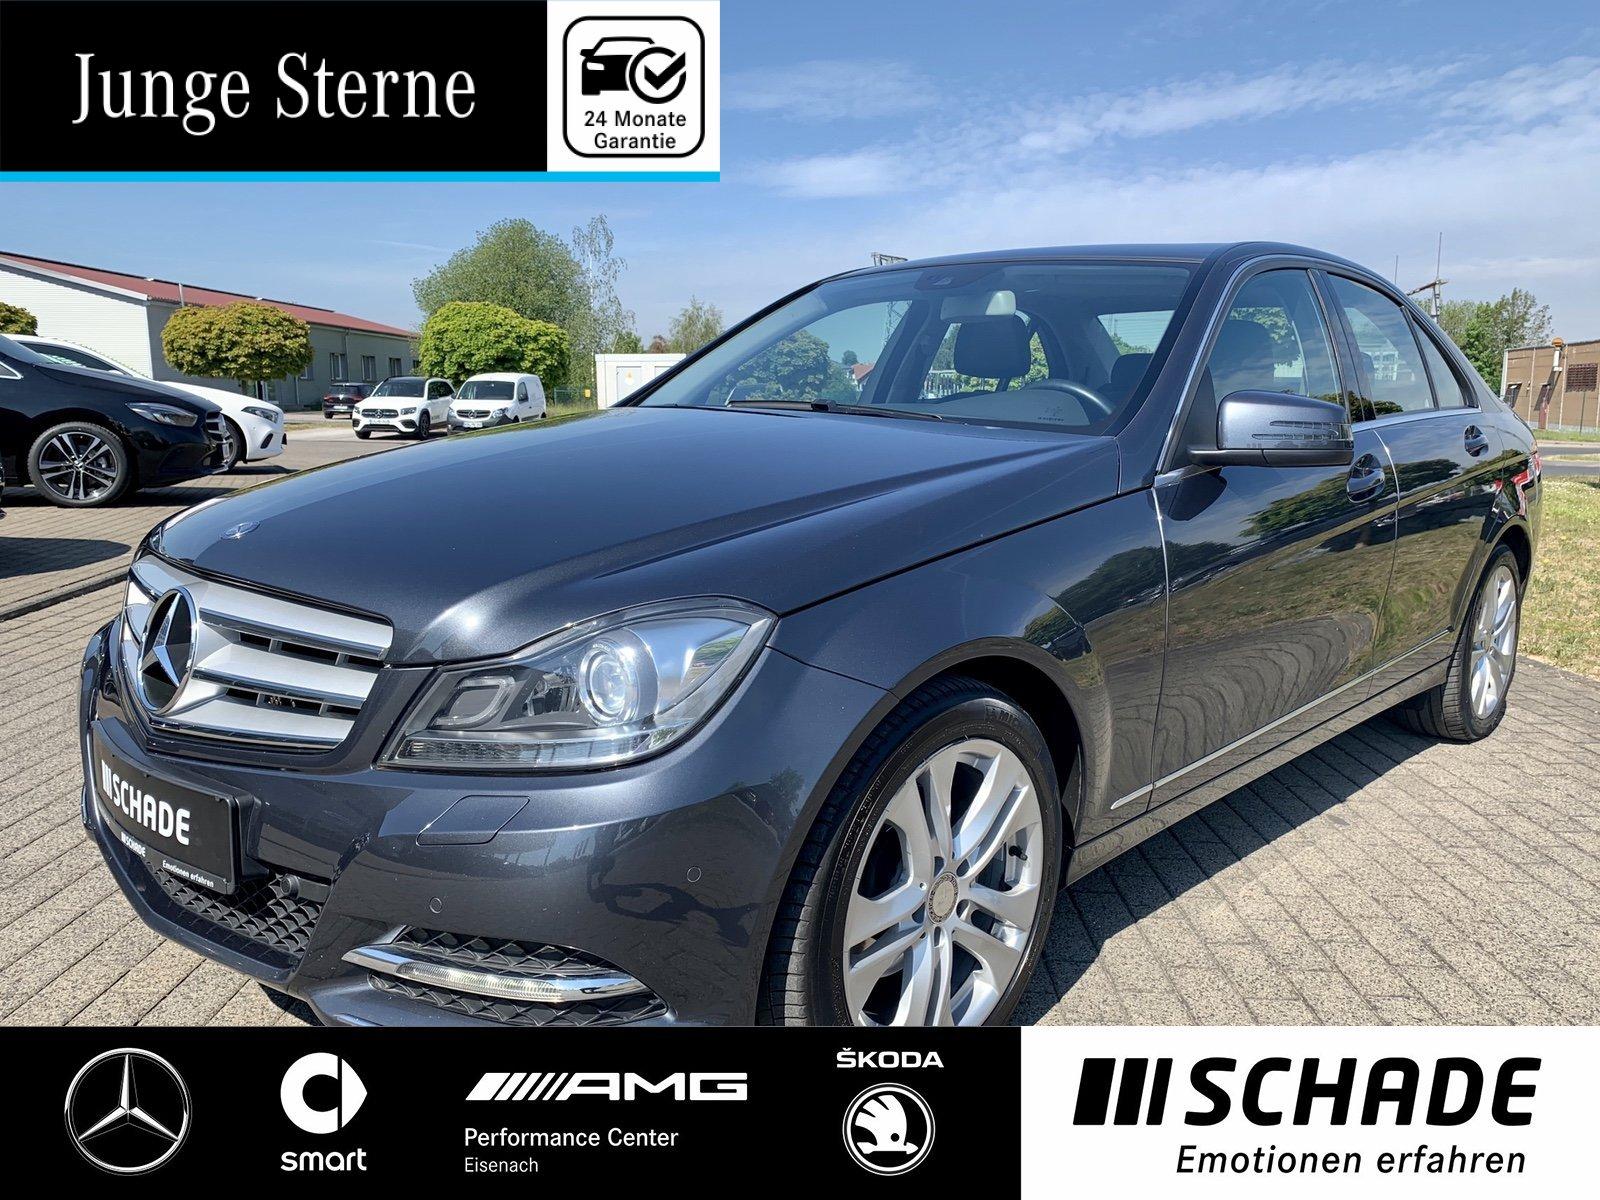 Mercedes-Benz C 180 Avantgarde Xenon*Navi*Schiebedach*Parktr.*, Jahr 2013, Benzin